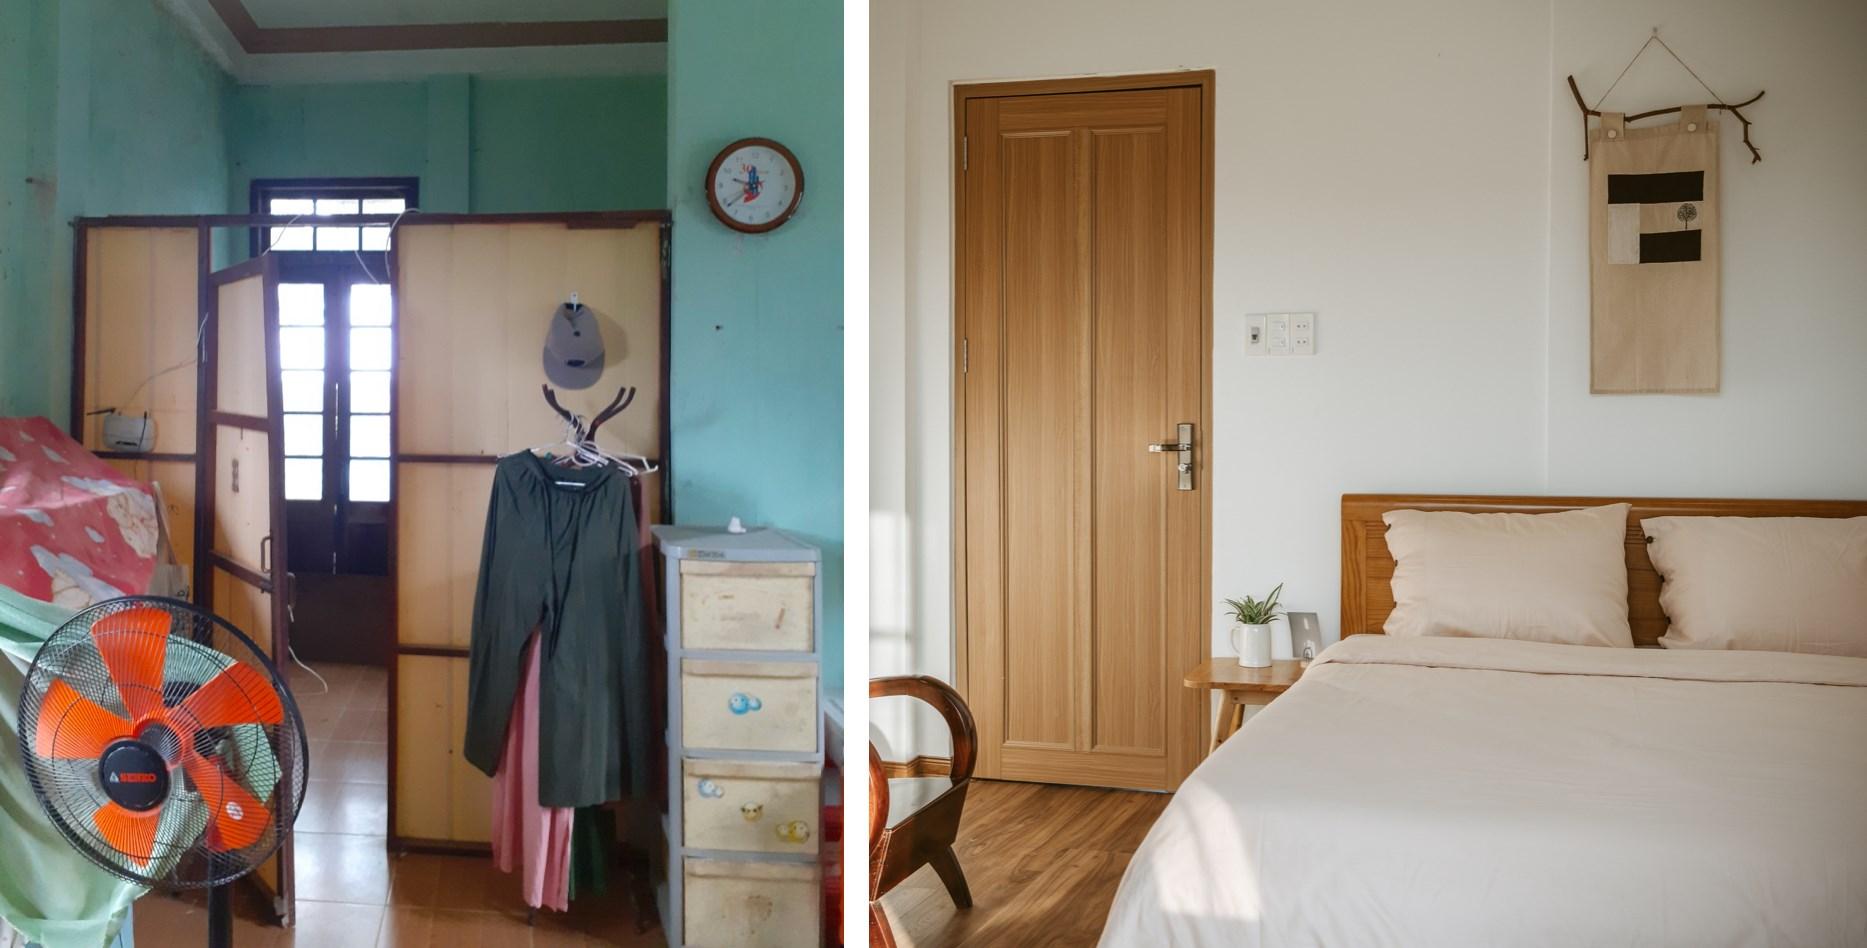 Cô gái quyết định rời Sài Gòn về Hội An cải tạo nhà ở 20 năm đã xuống cấp thành homestay 5 phòng đẹp lung linh, cho khách thuê chỉ 420-520 ngàn đồng/ phòng - Ảnh 12.